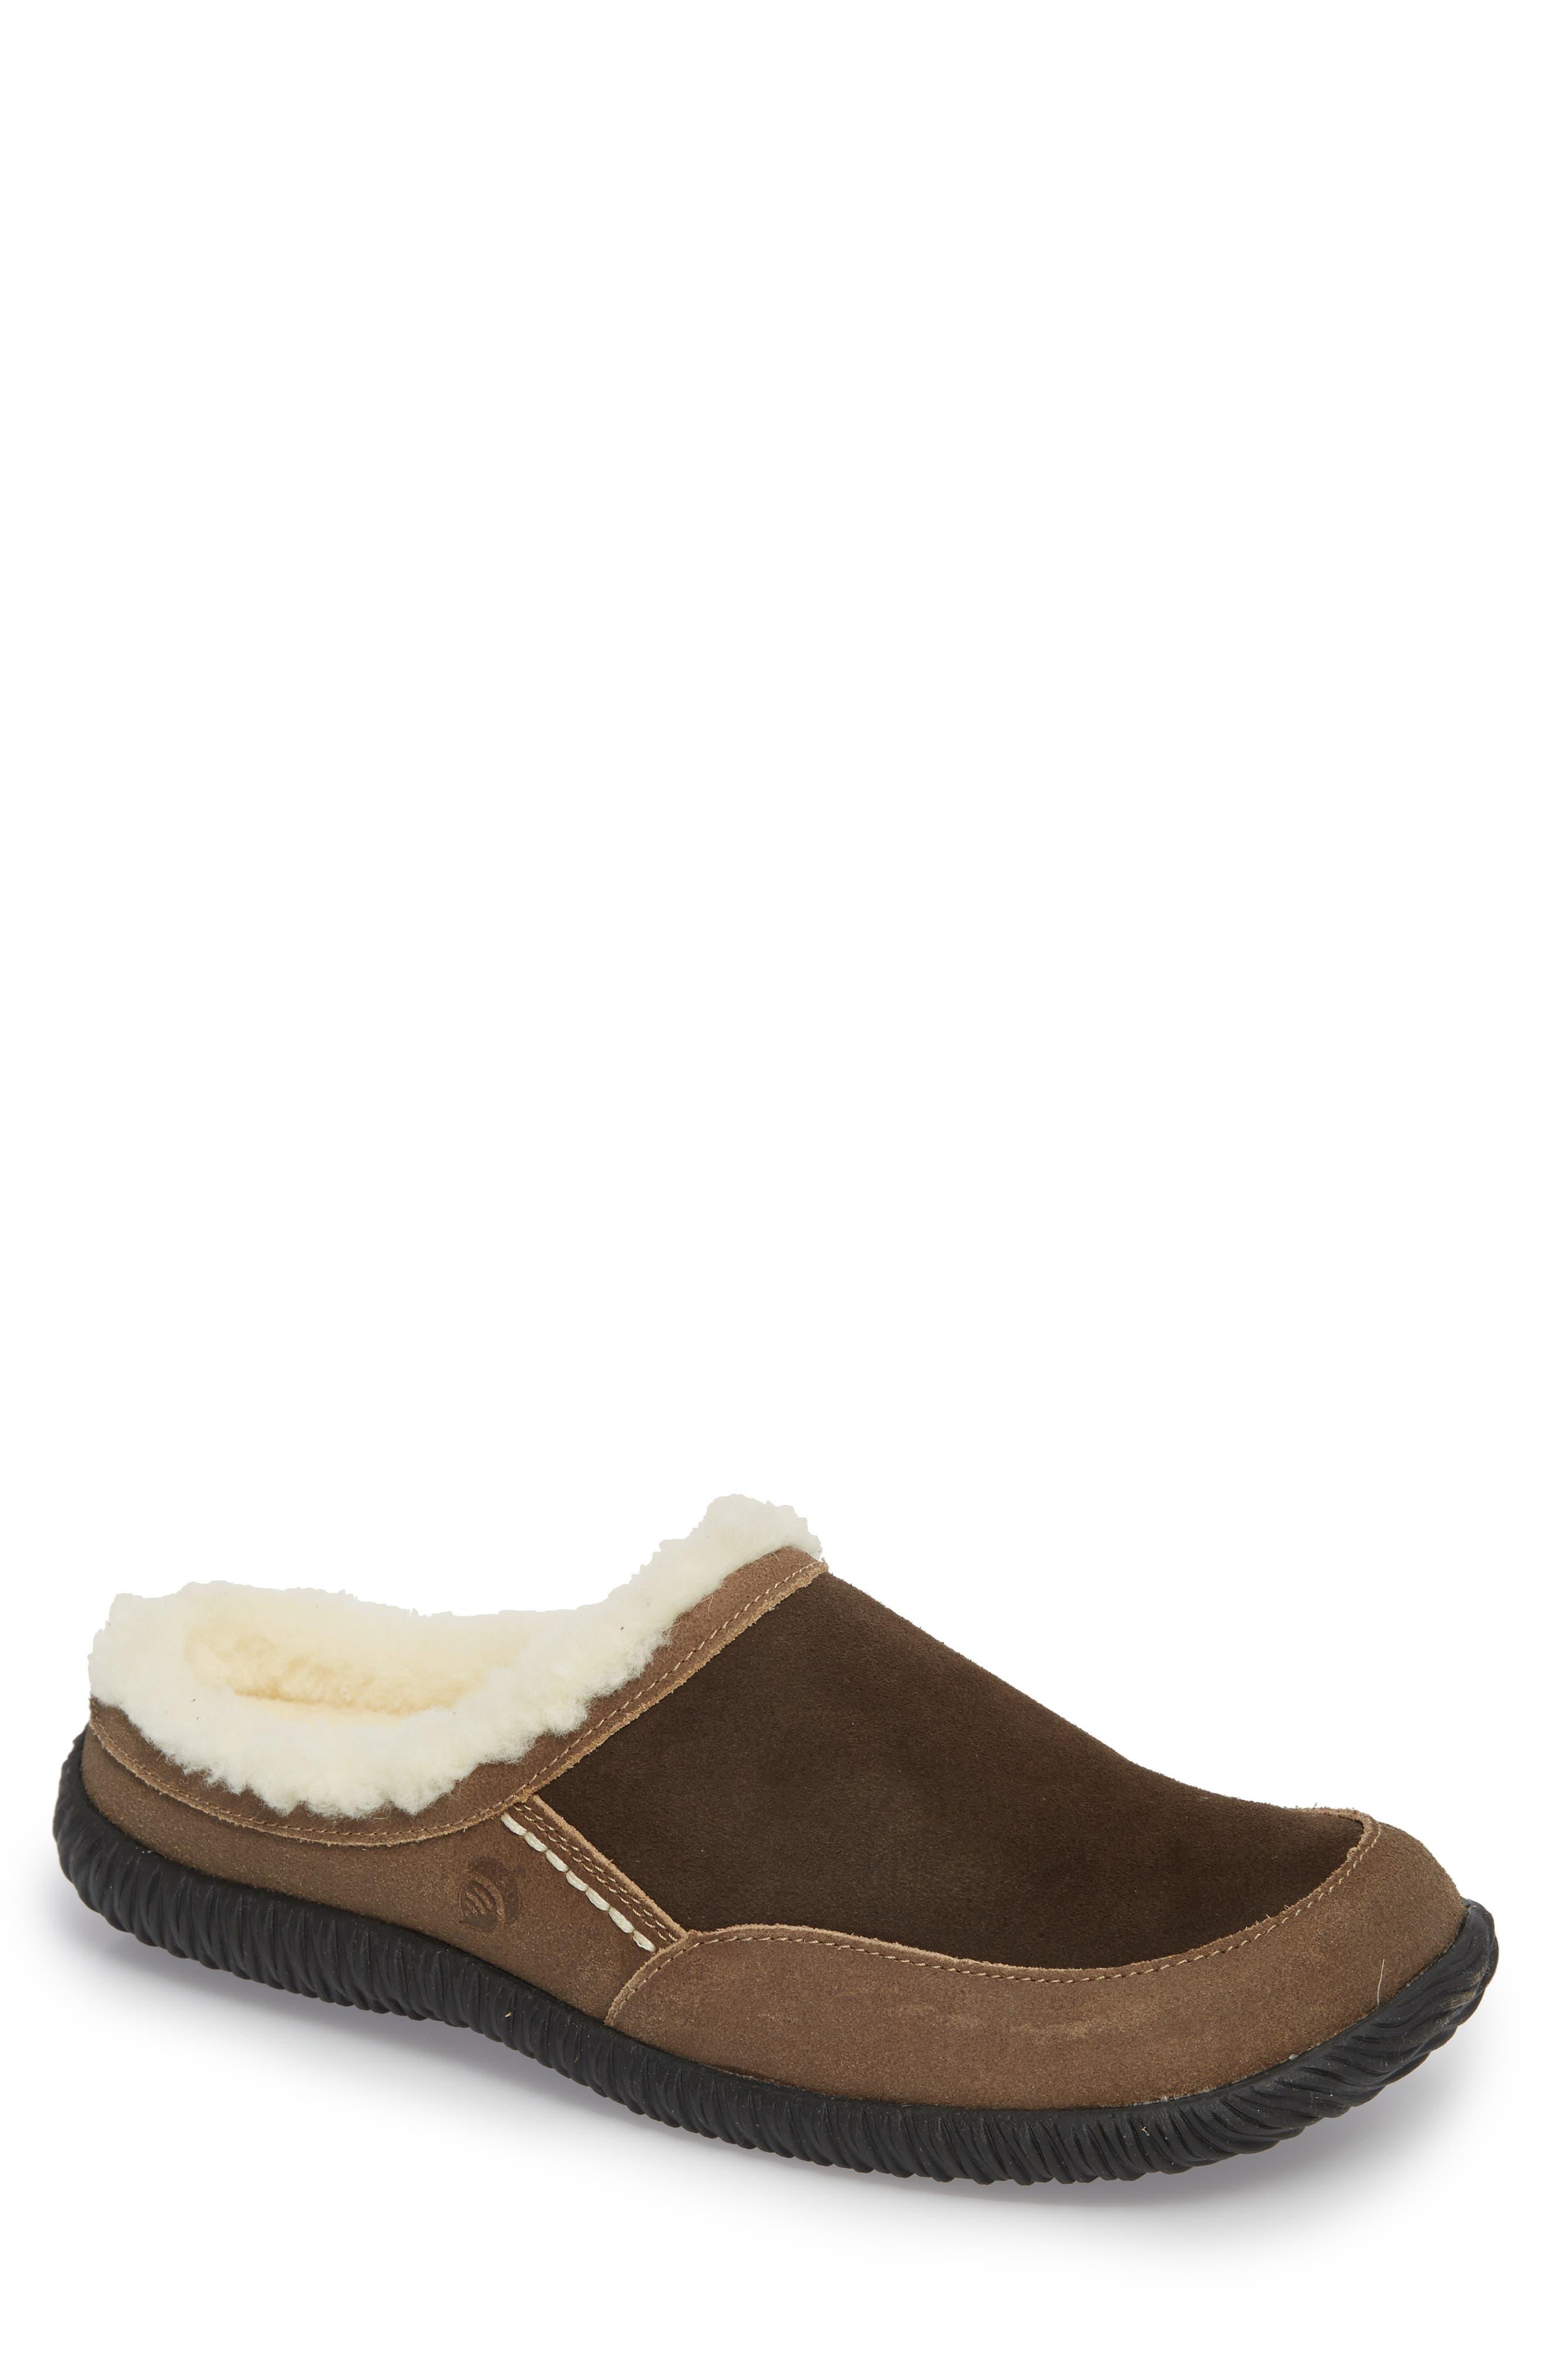 'Rambler' Mule Slipper,                         Main,                         color, Chocolate/ Brown